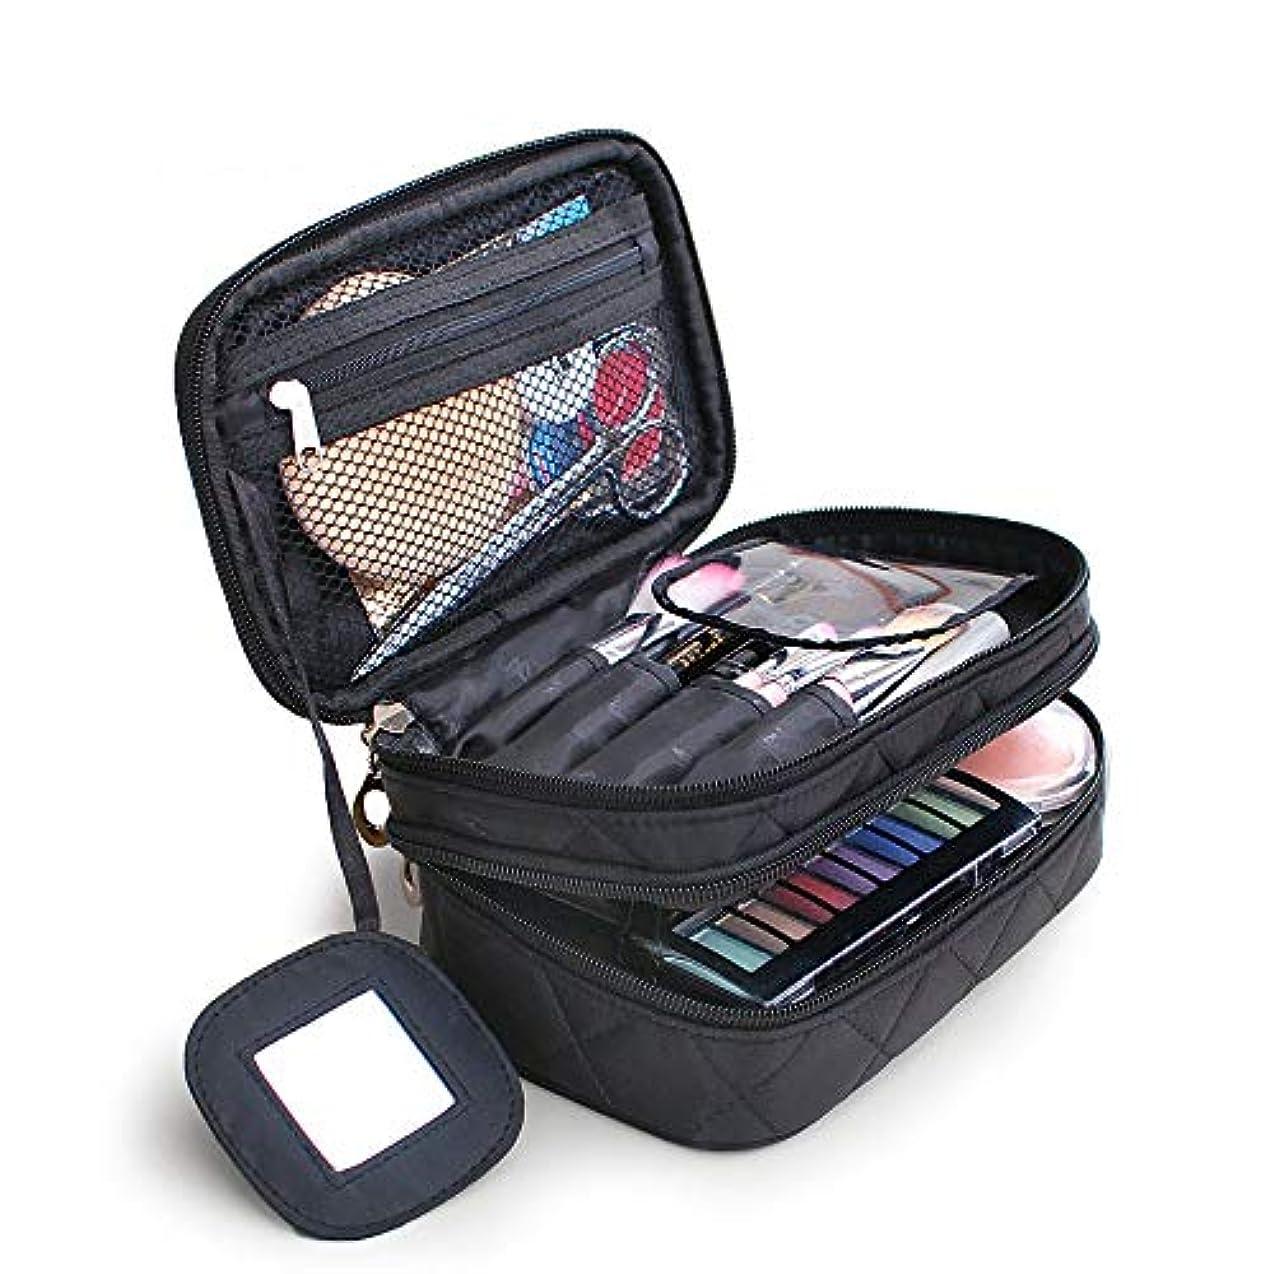 アクセスできない無しミケランジェロ化粧バッグ プロ 化粧箱 高品質 大容量 化粧品収納バッグ ウォッシュバッグ 防水化粧品ケースナイロンブラック化粧品袋収納袋